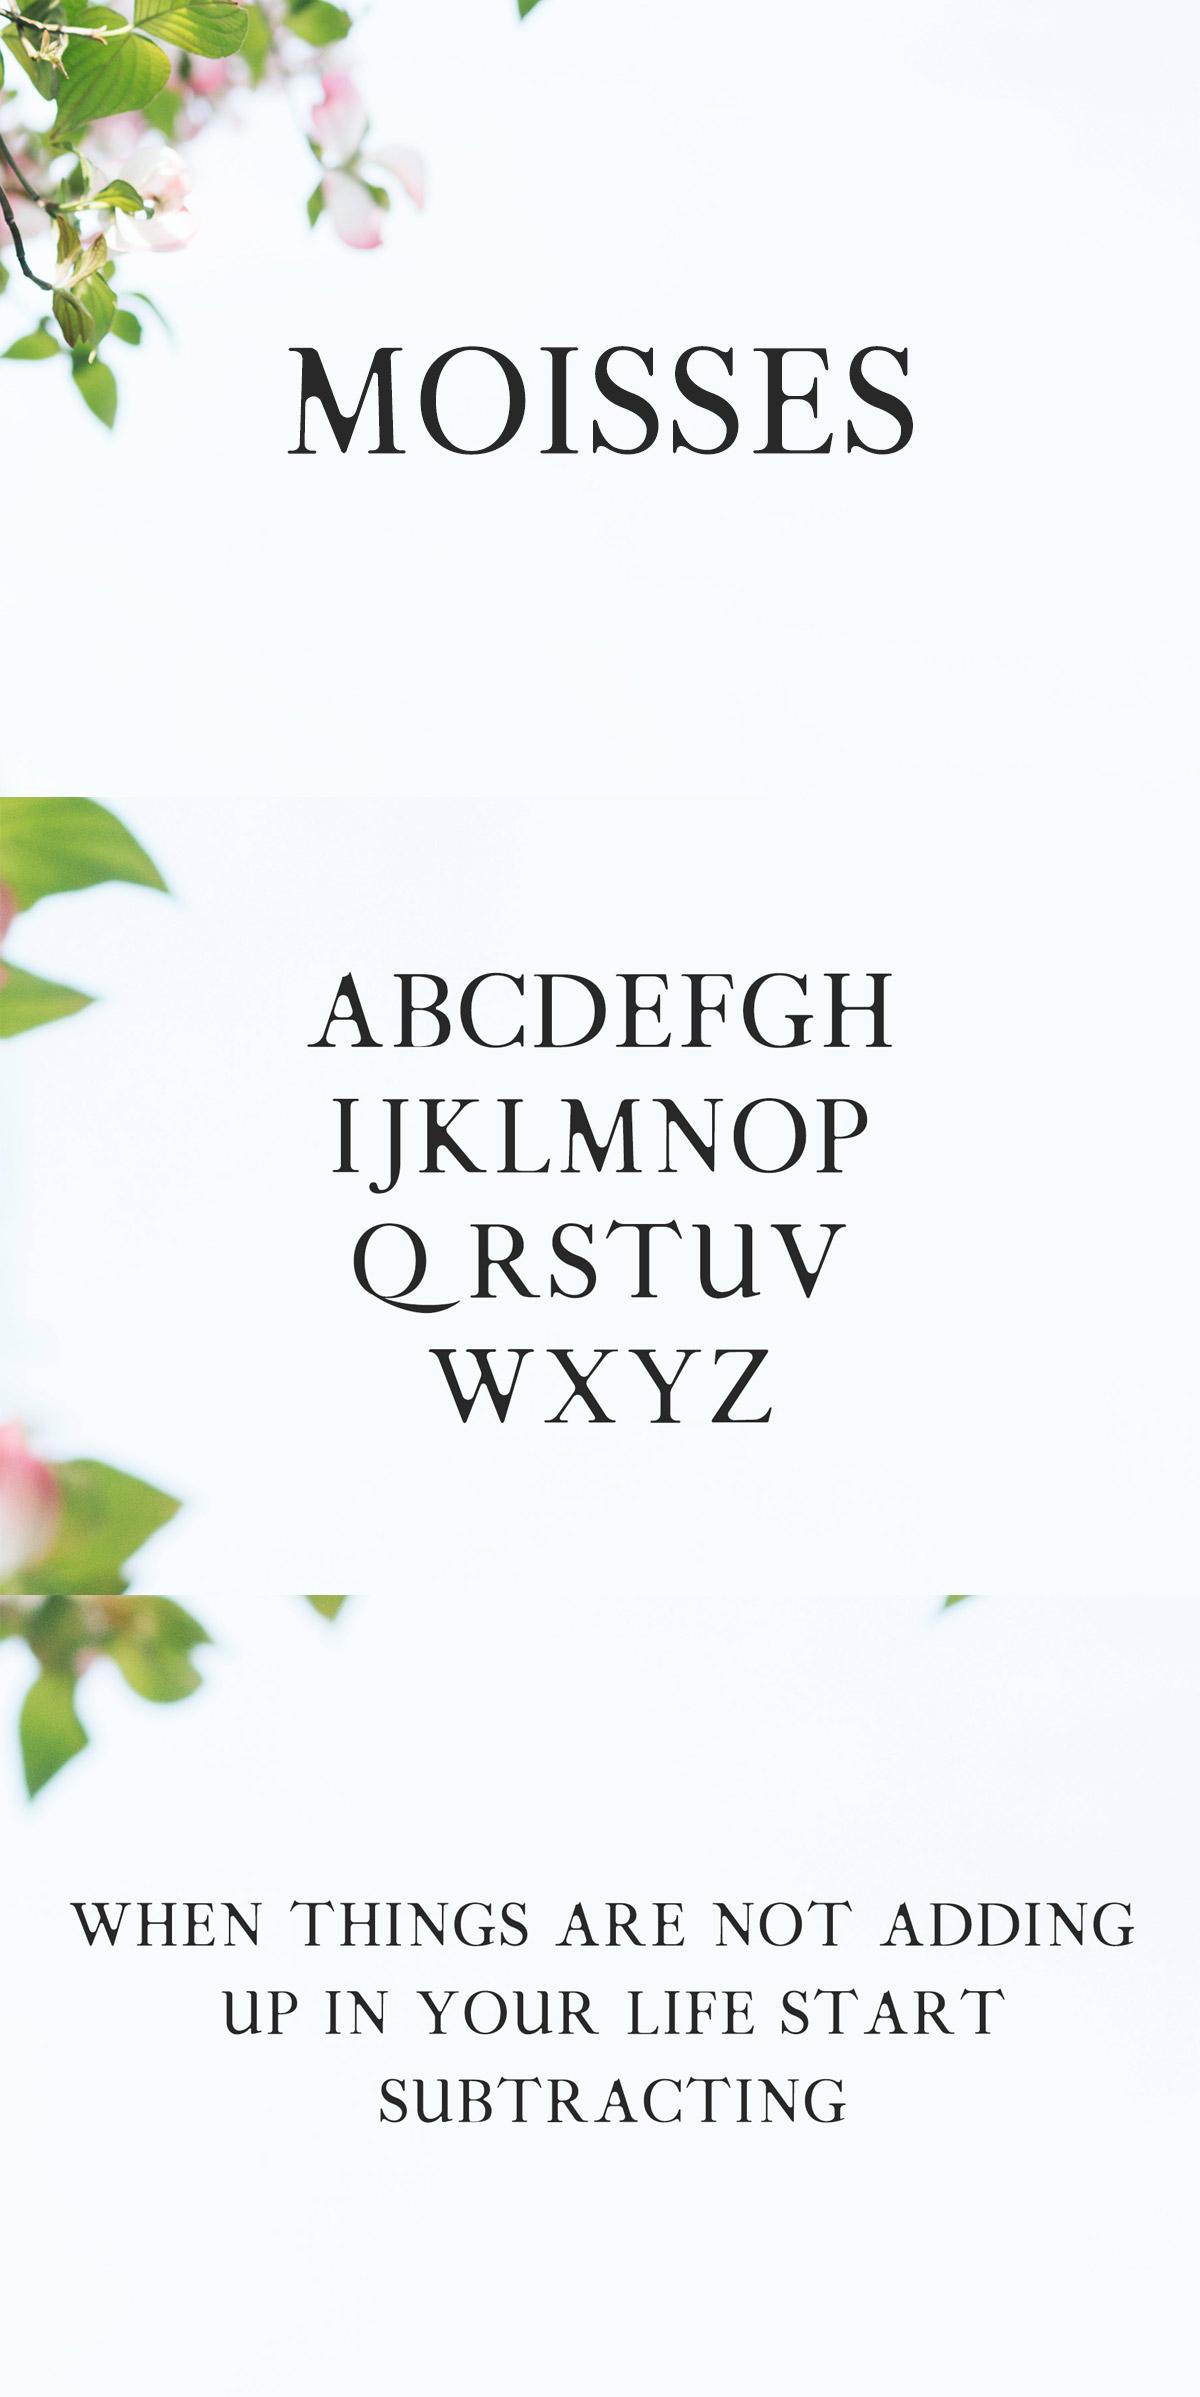 Free Moisses Serif Font